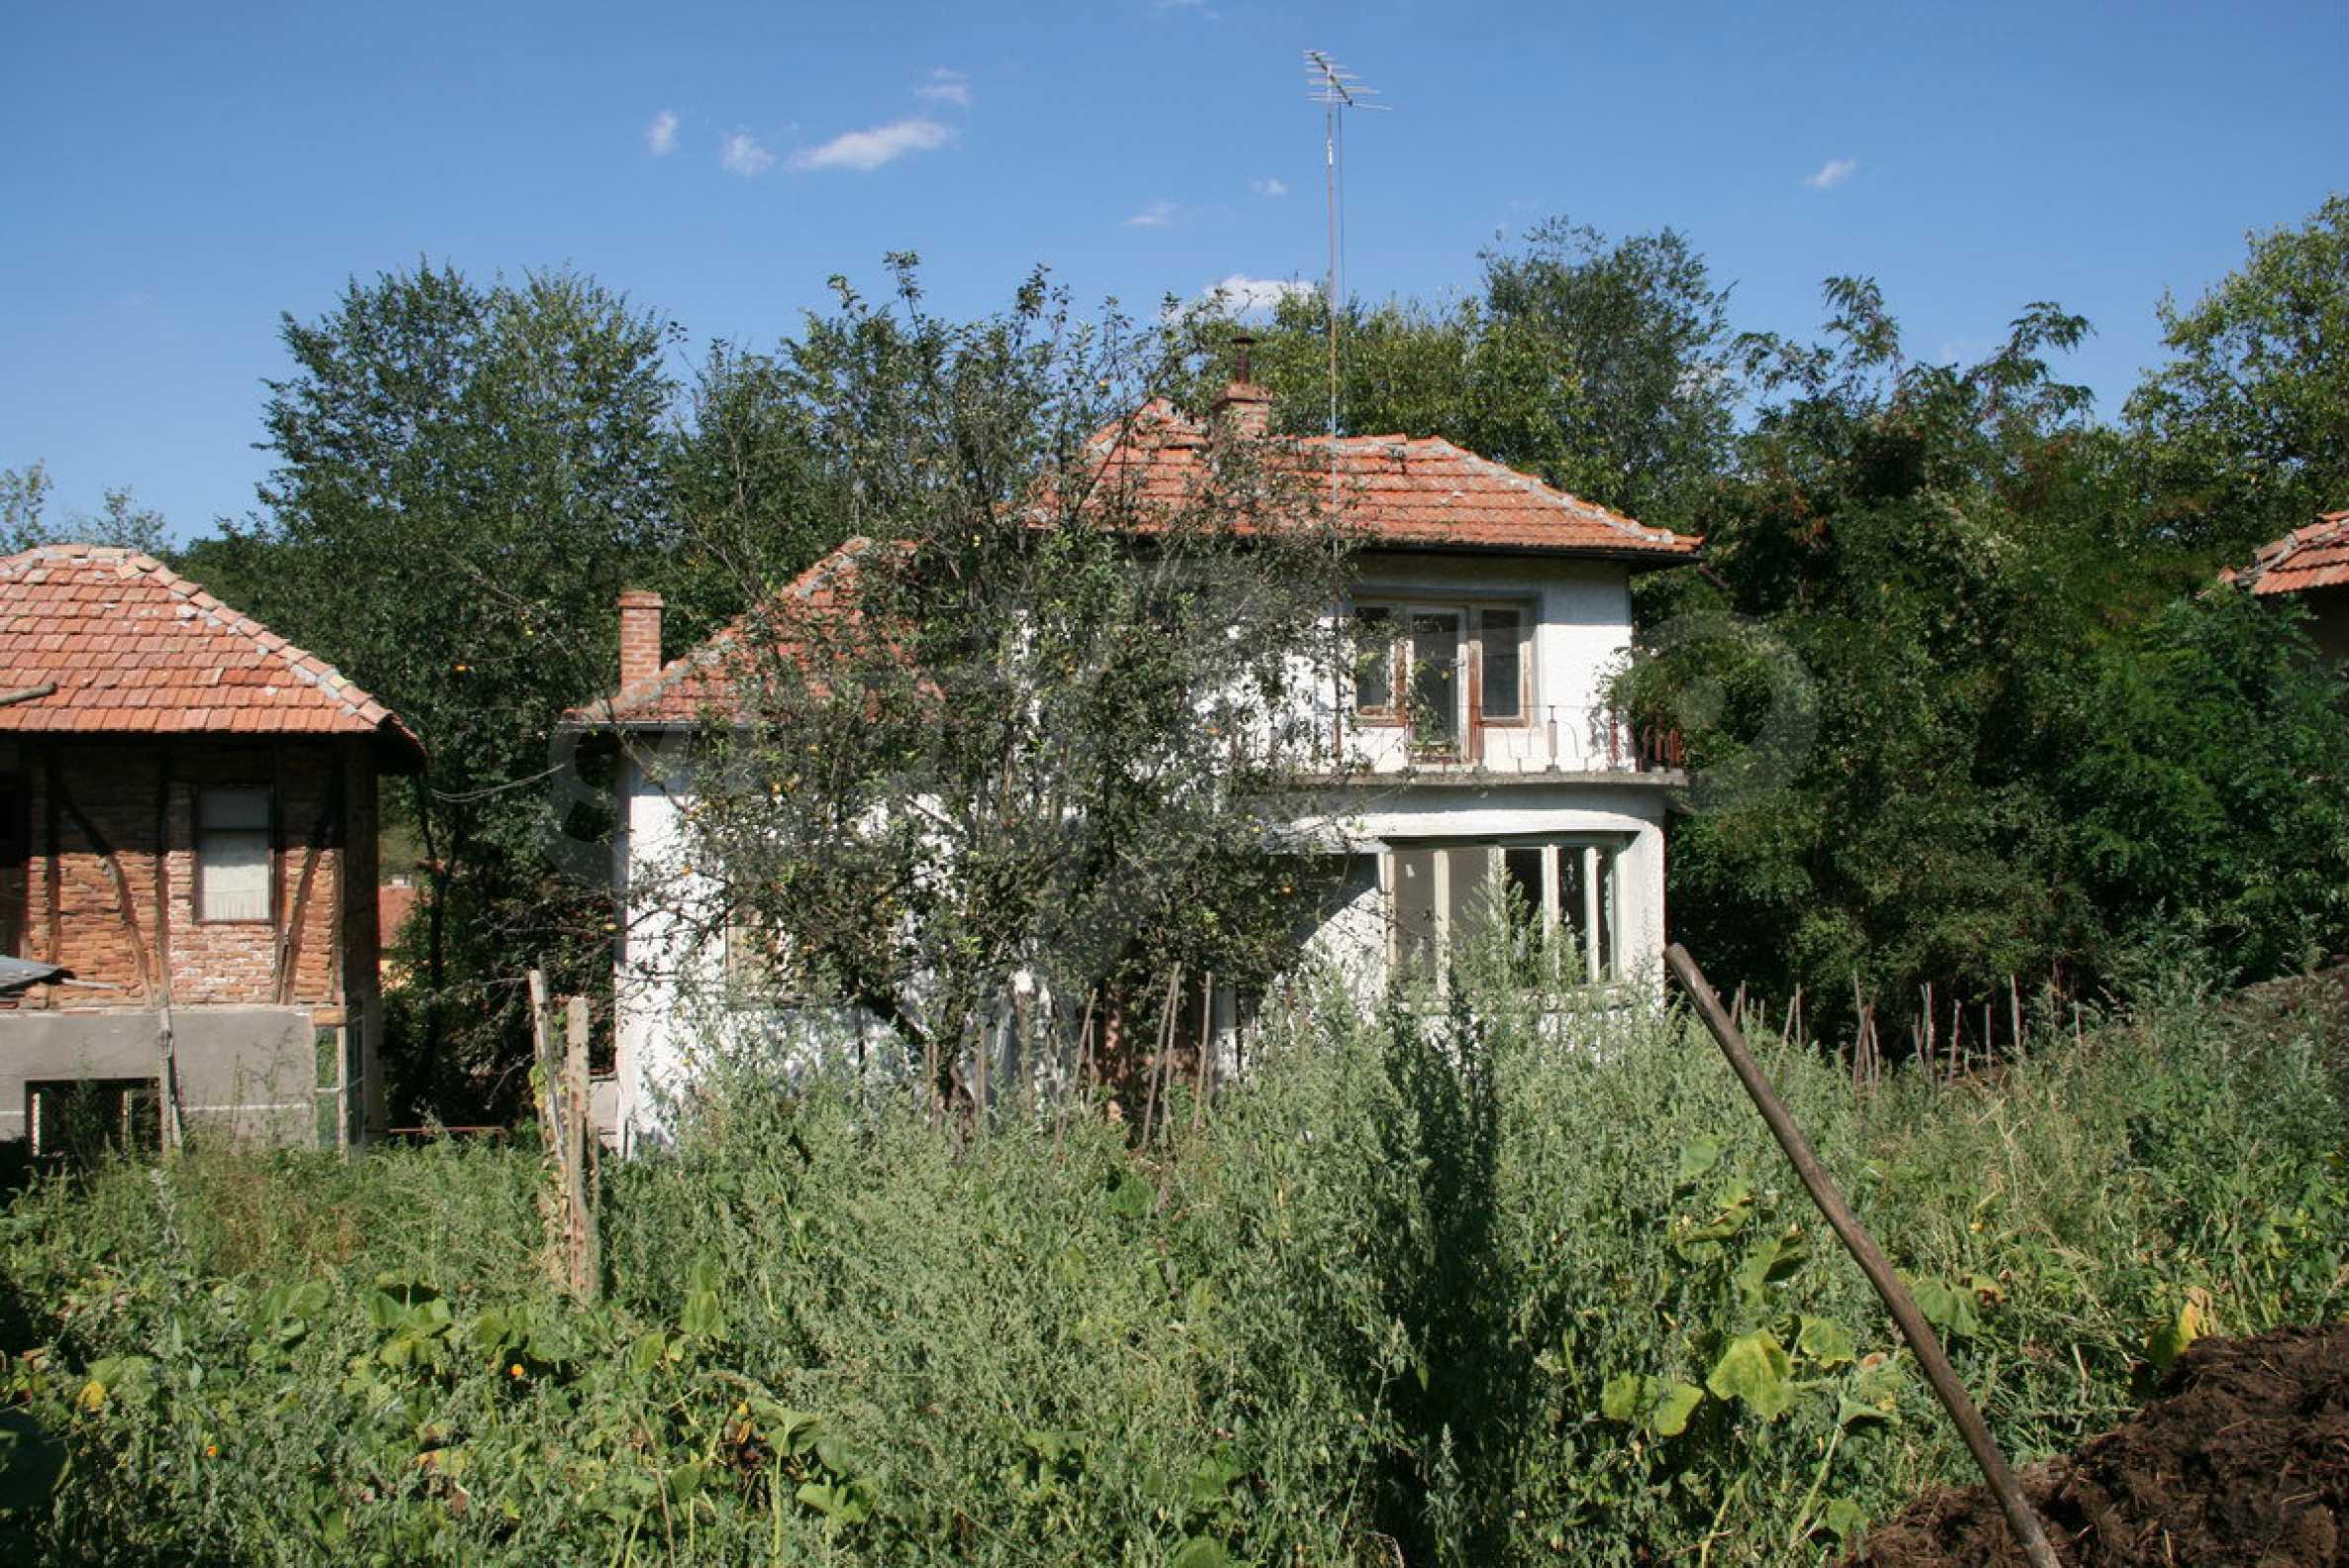 Двуетажна къща с двор в село на 28 км от град Ловеч  16